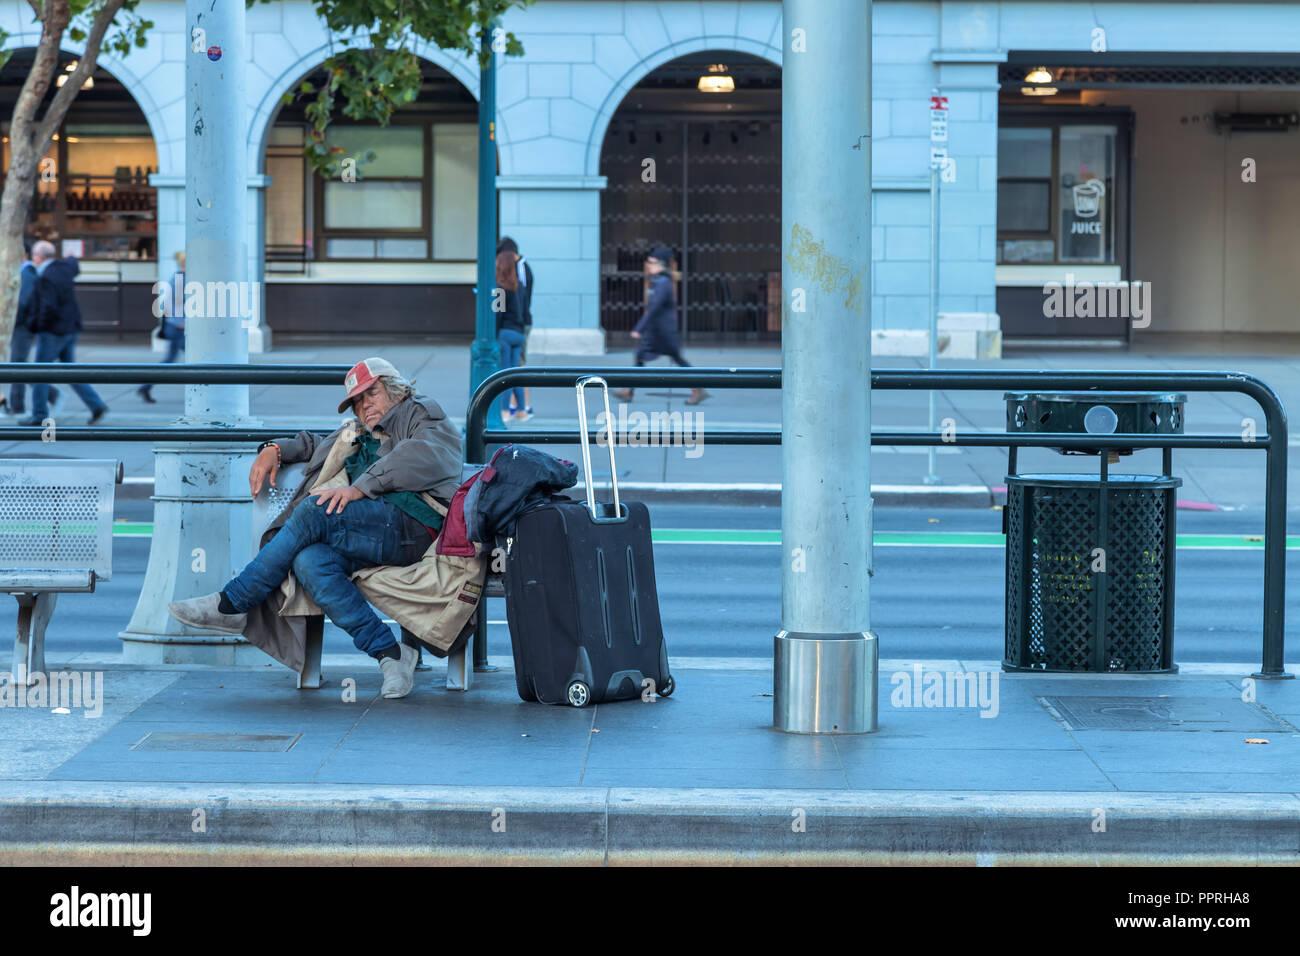 Un hombre sin hogar con sus pertenencias estaba durmiendo en un banco en la estación de tren de San Francisco, California, Estados Unidos Imagen De Stock